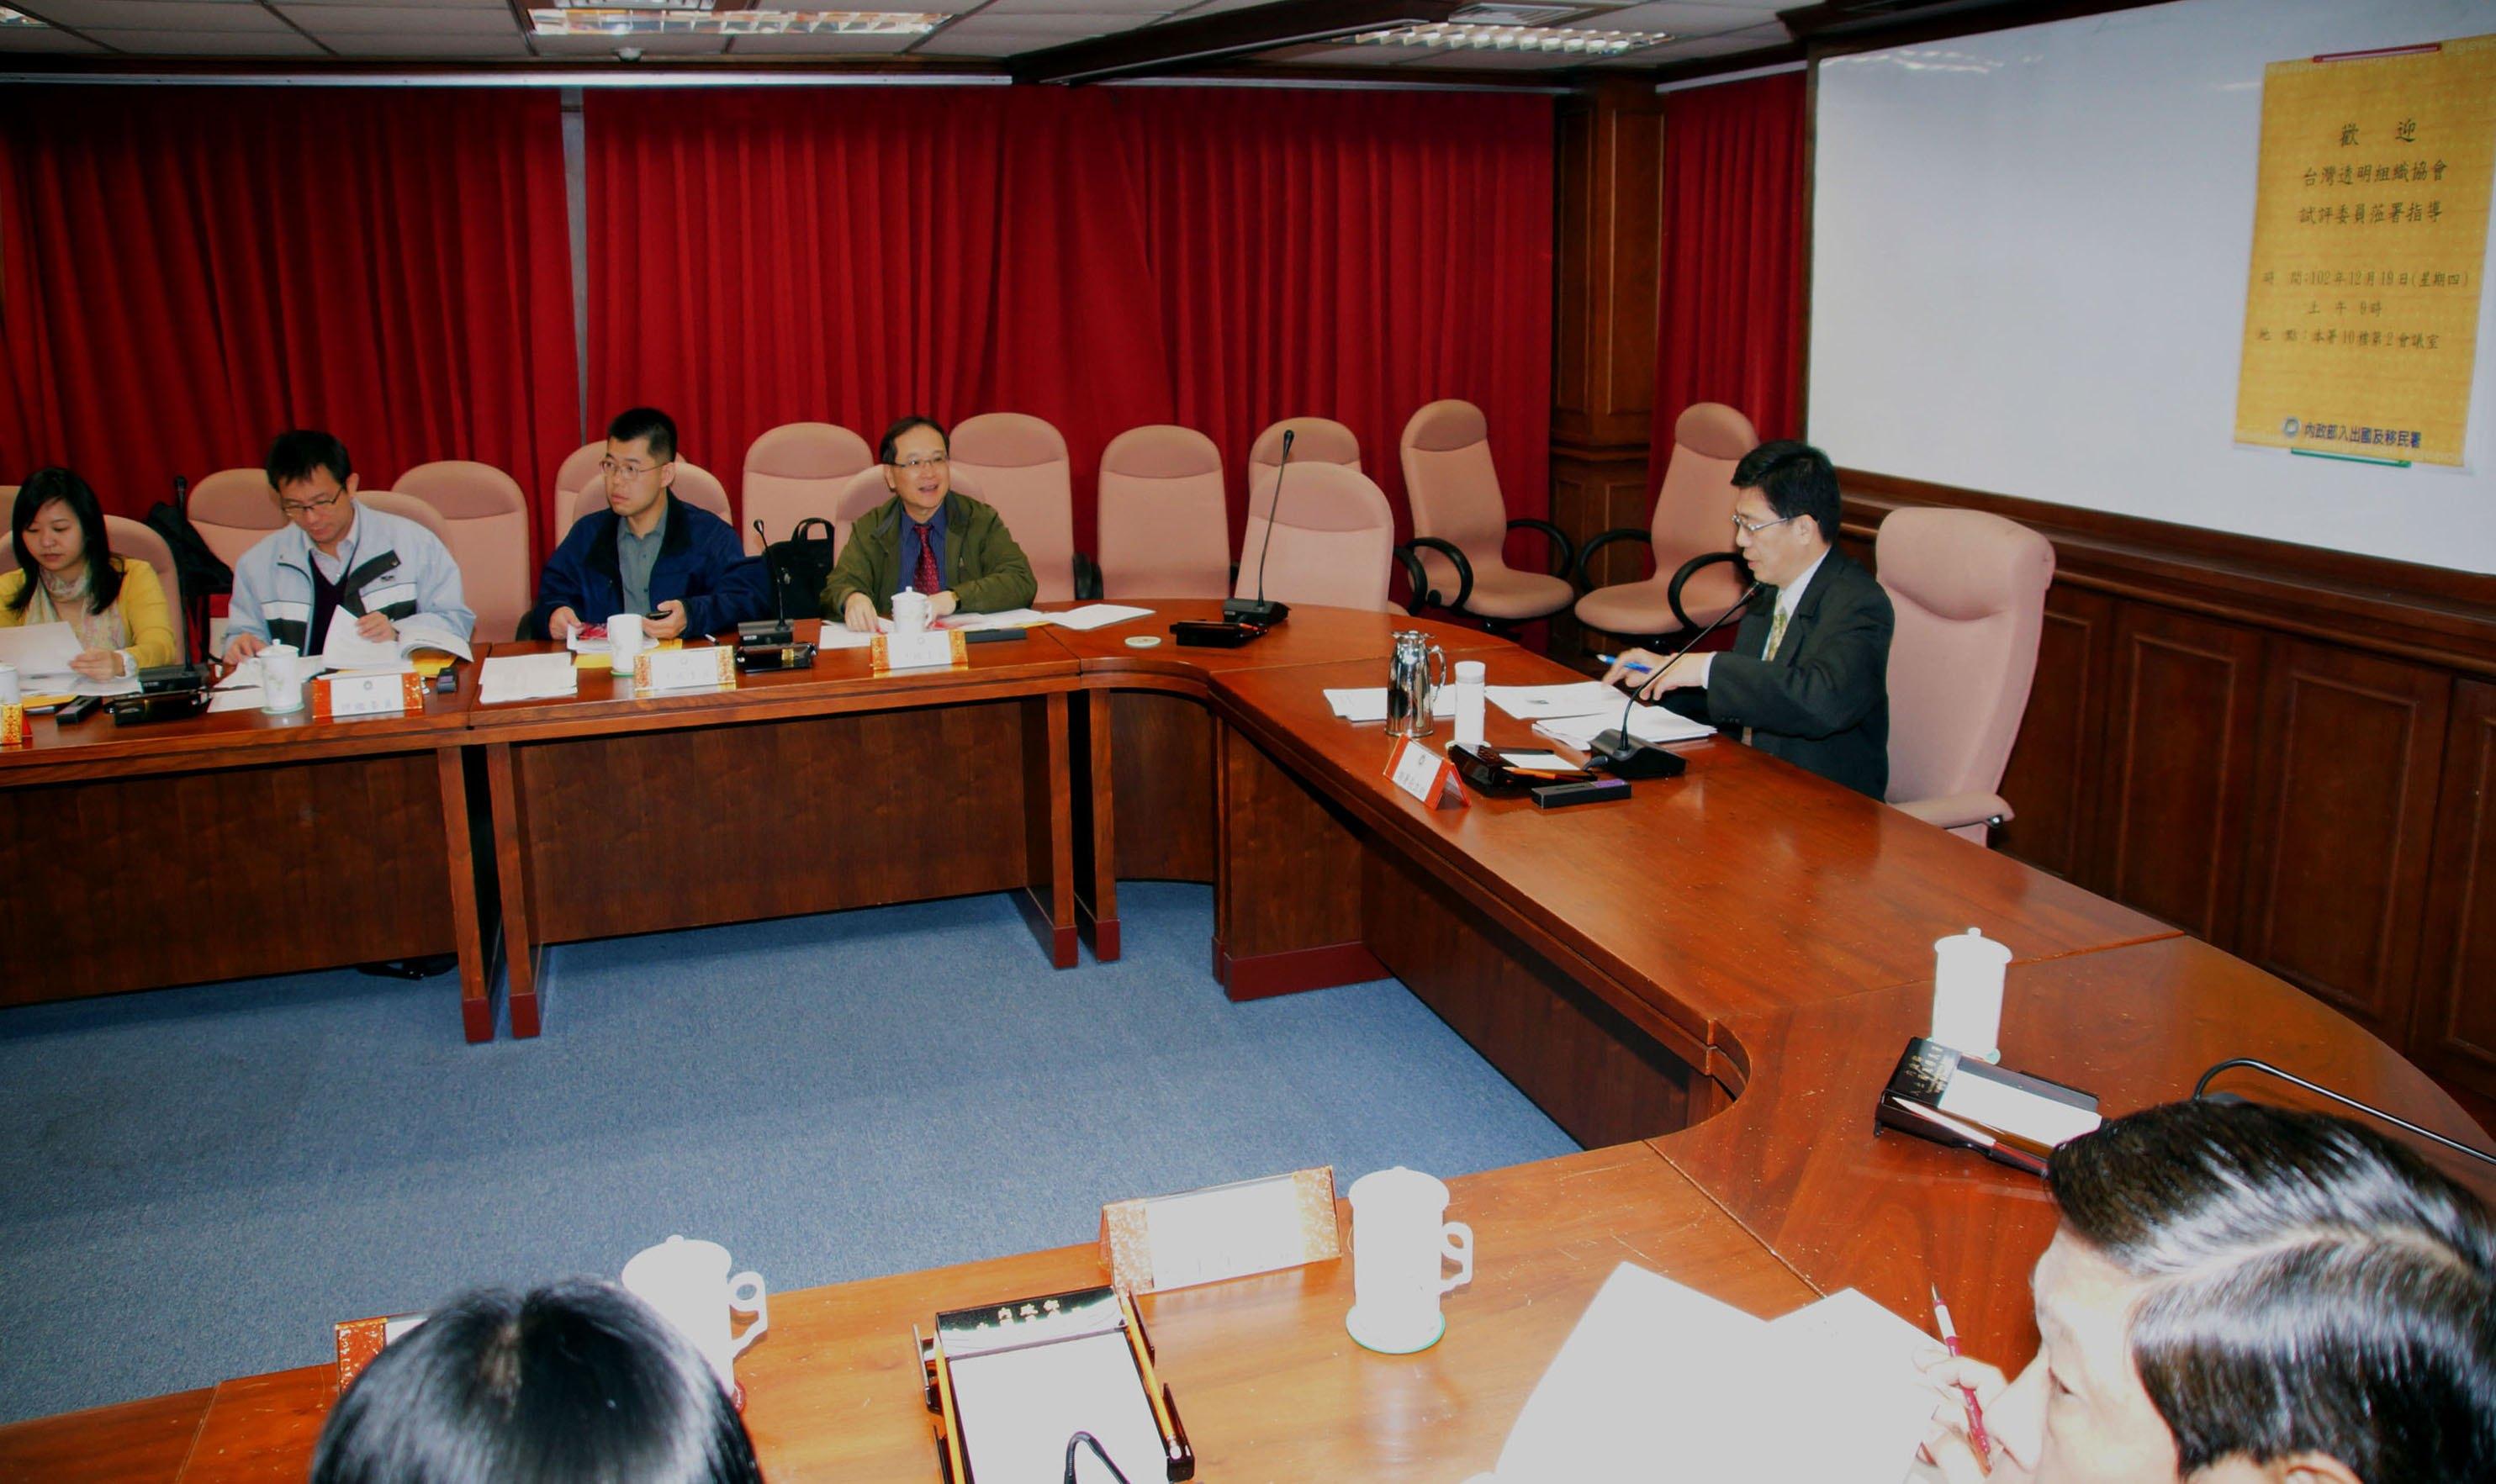 移民署長謝立功(右一)歡迎台灣透明組織執行長葉一璋(右二)一行人赴移民署進行首次中央廉政試評鑑作業。